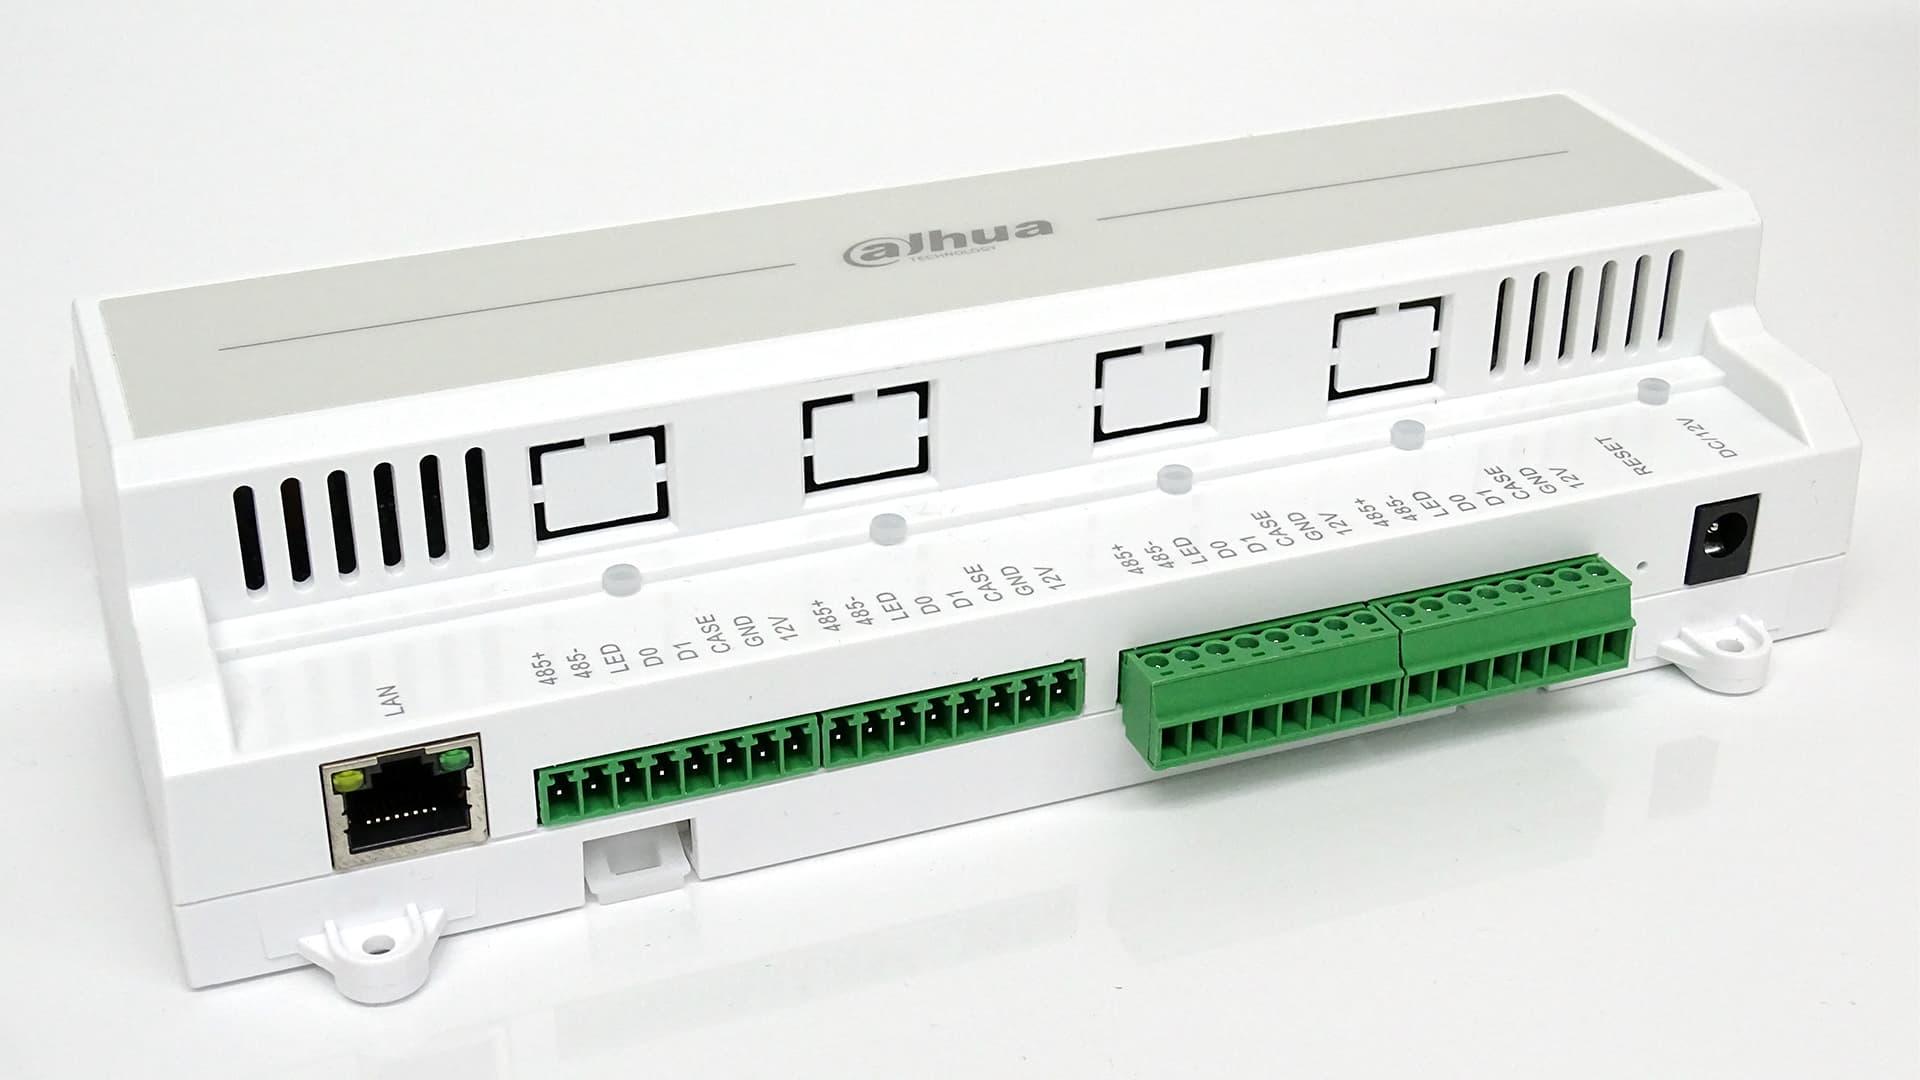 Dahua AS1202B, le contrôleur d'accès polyvalent et performant